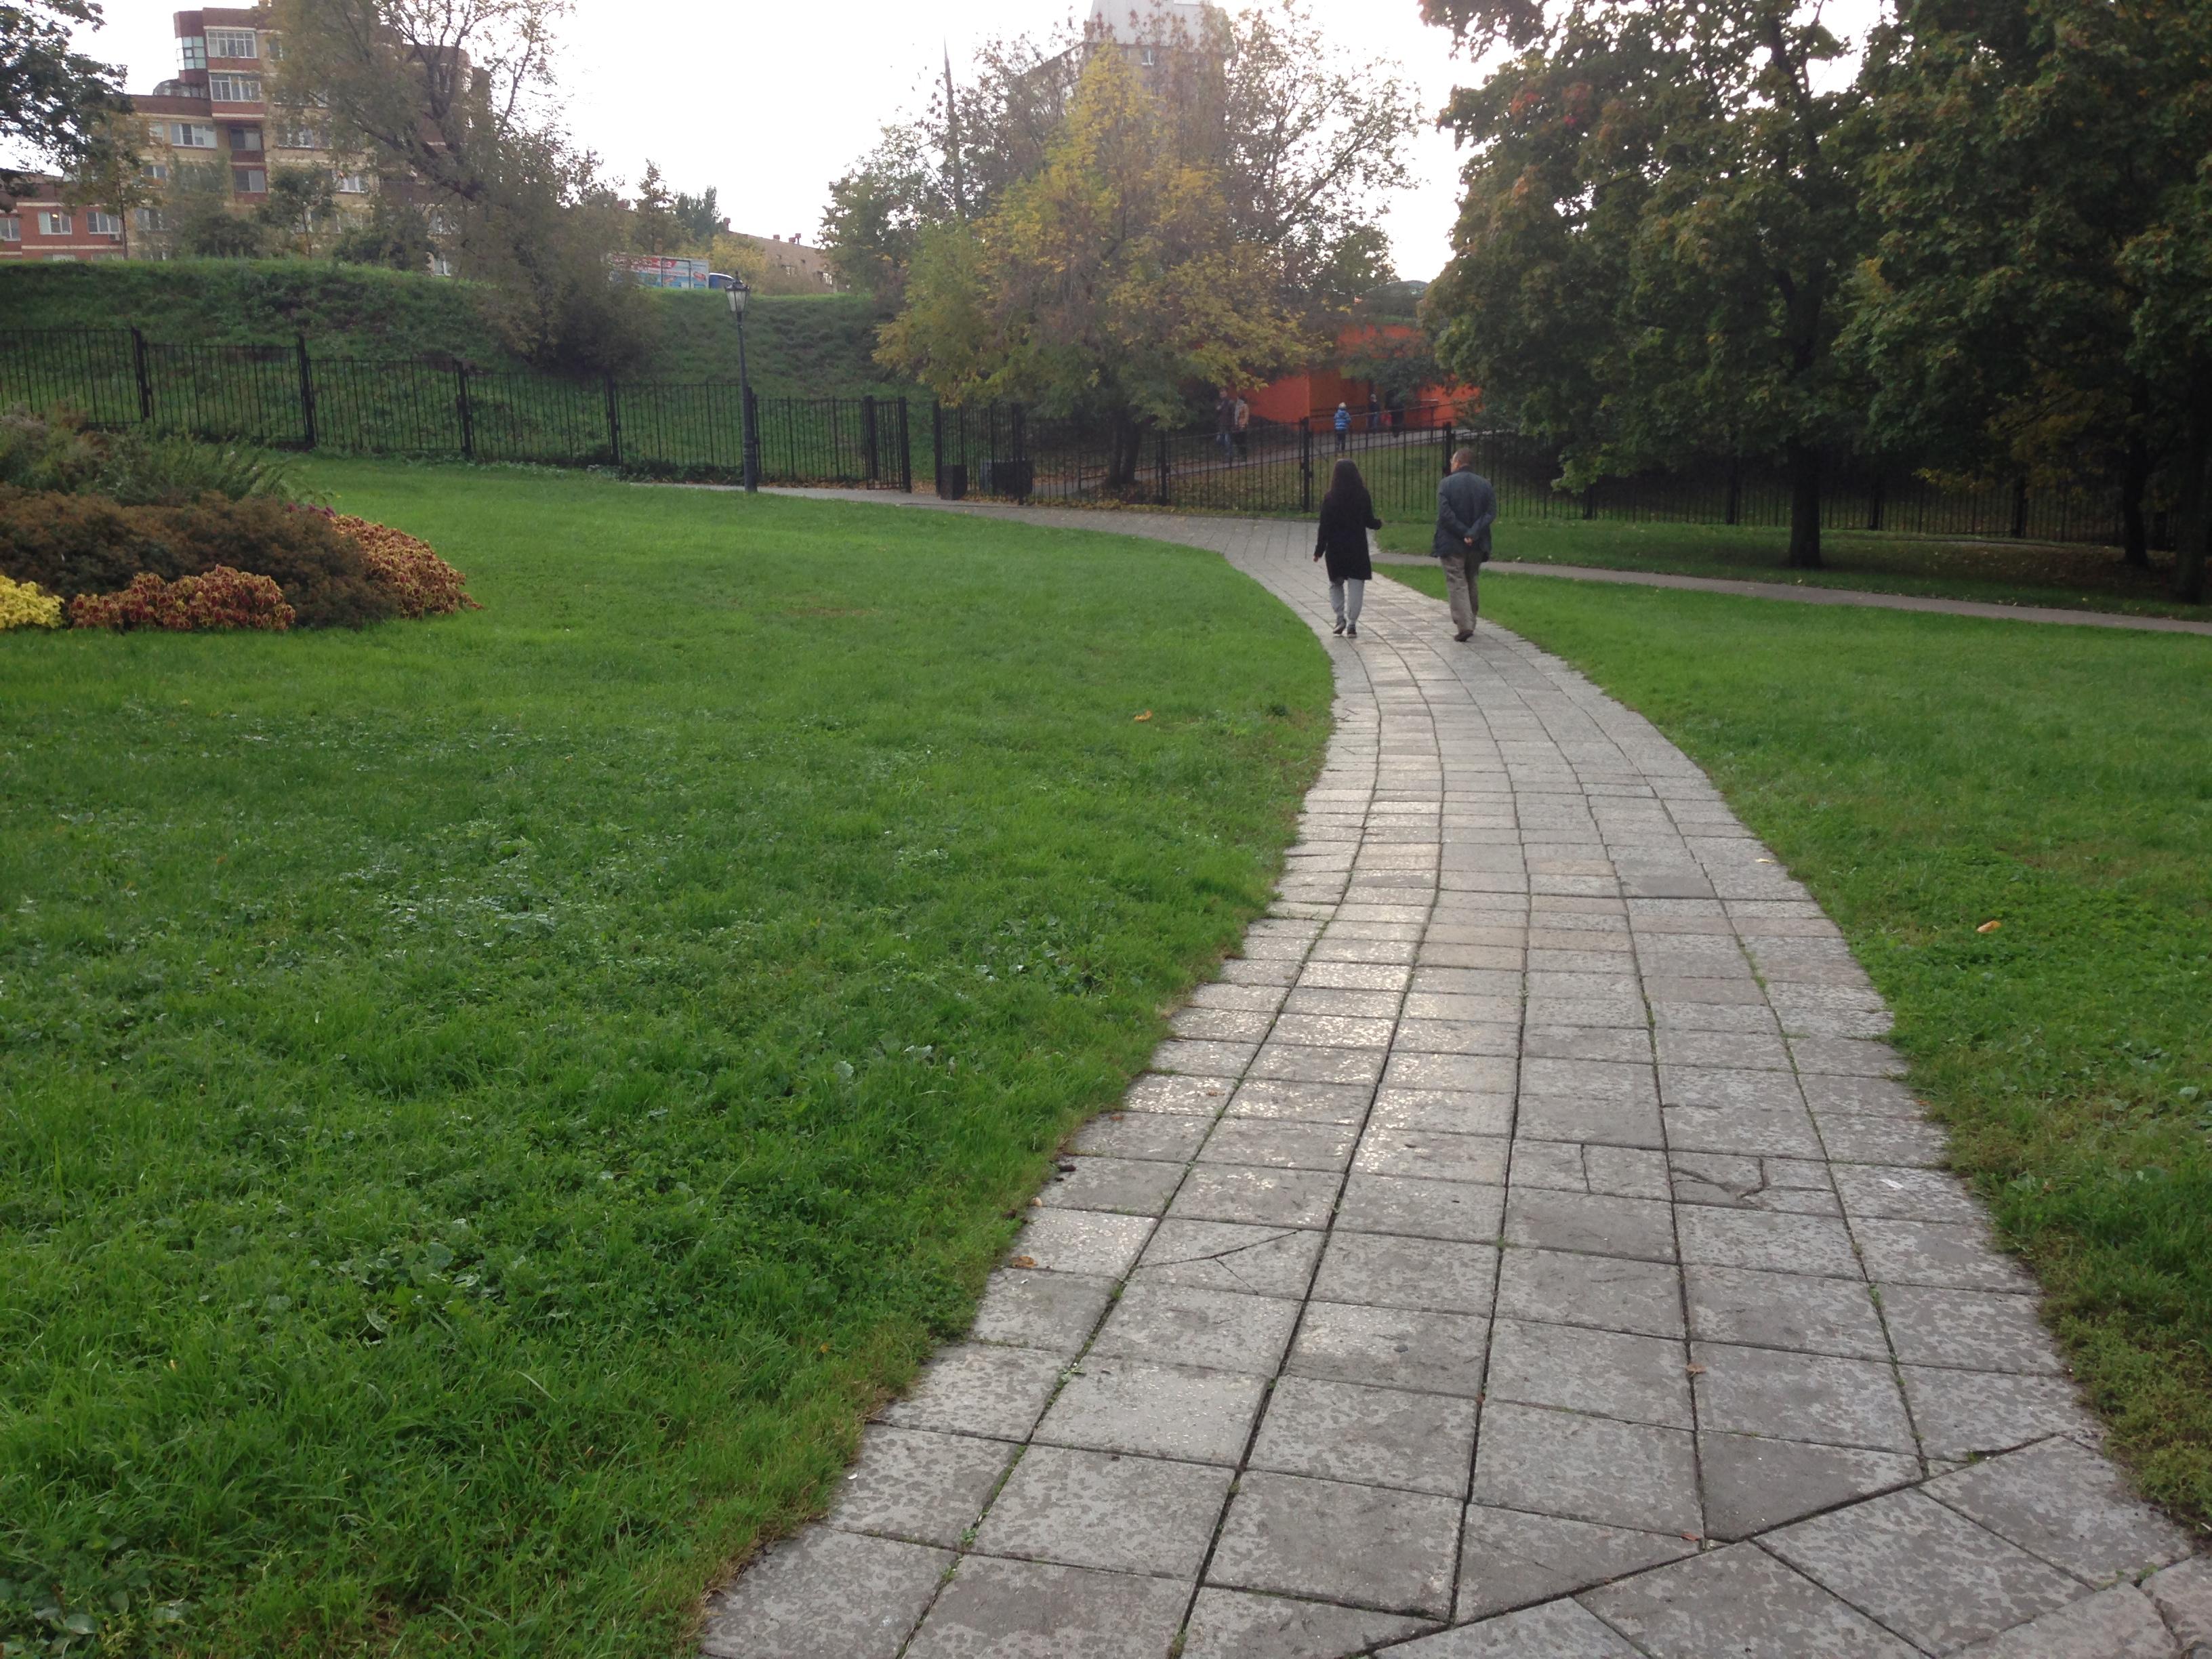 Сериал чернобыль 2019 ютуб 2 серия русская озвучка